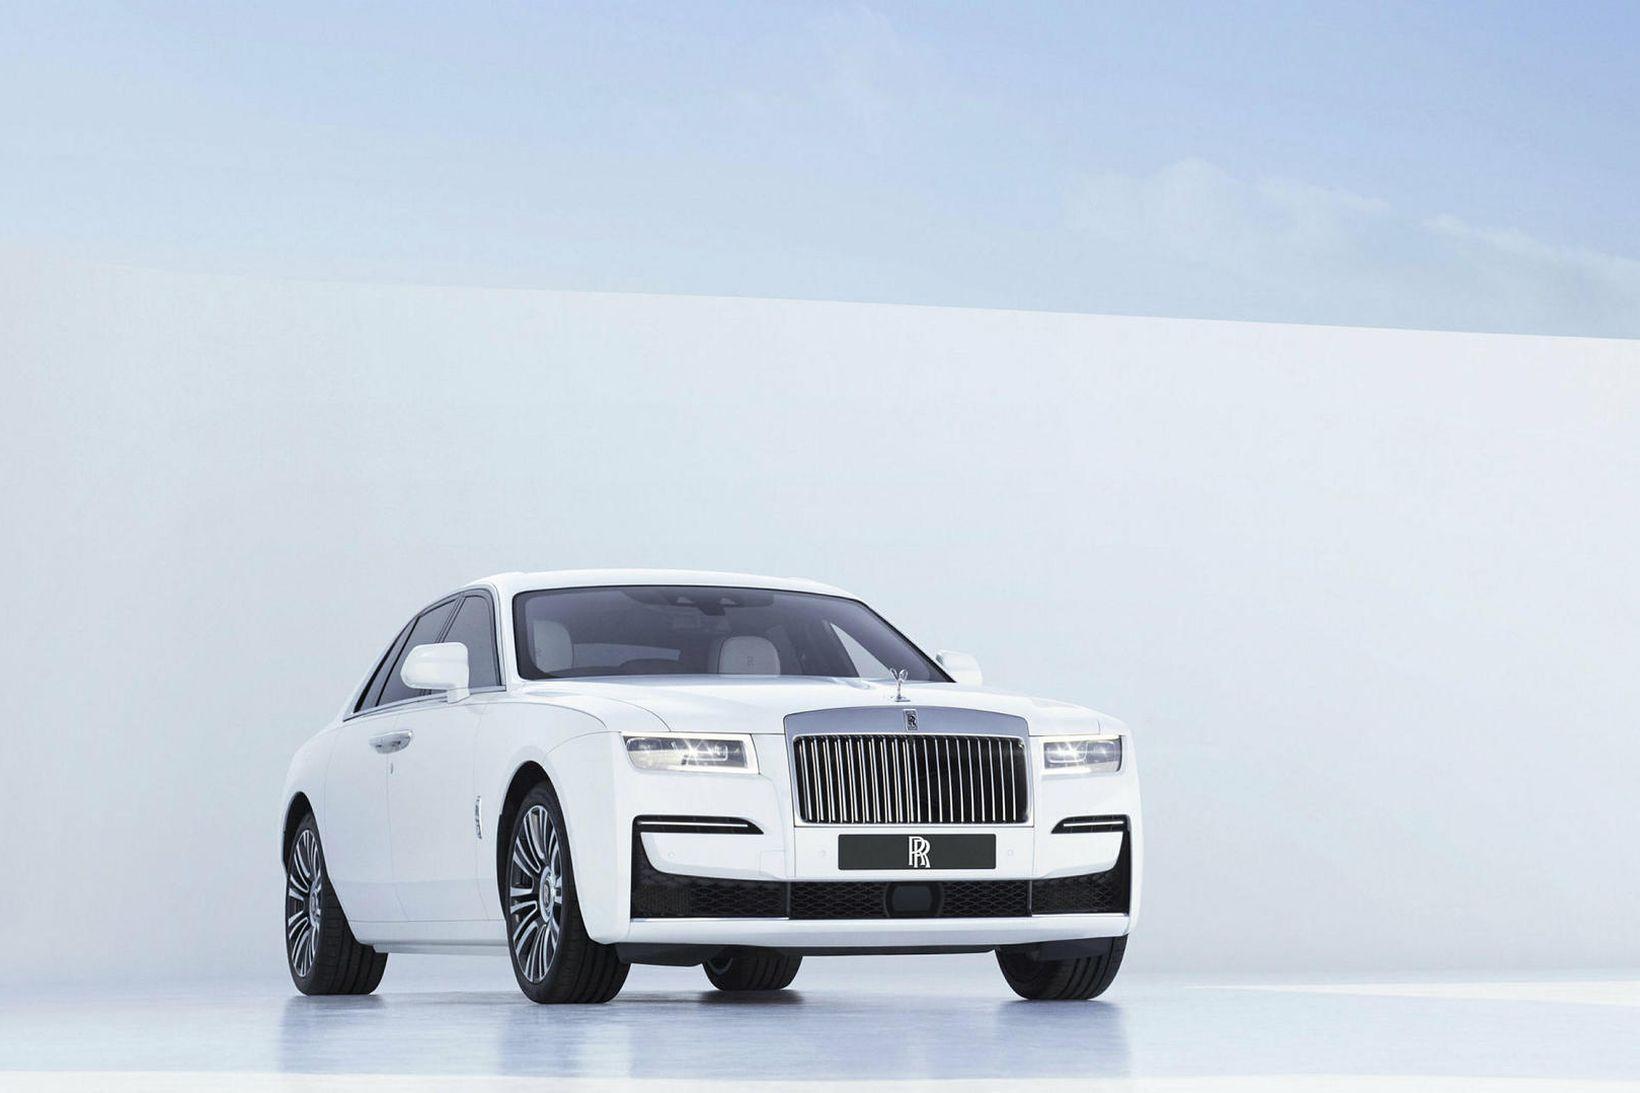 """Stúdíómynd sem Rolls-Royce sendi frá sér í gær af """"Ghost""""."""